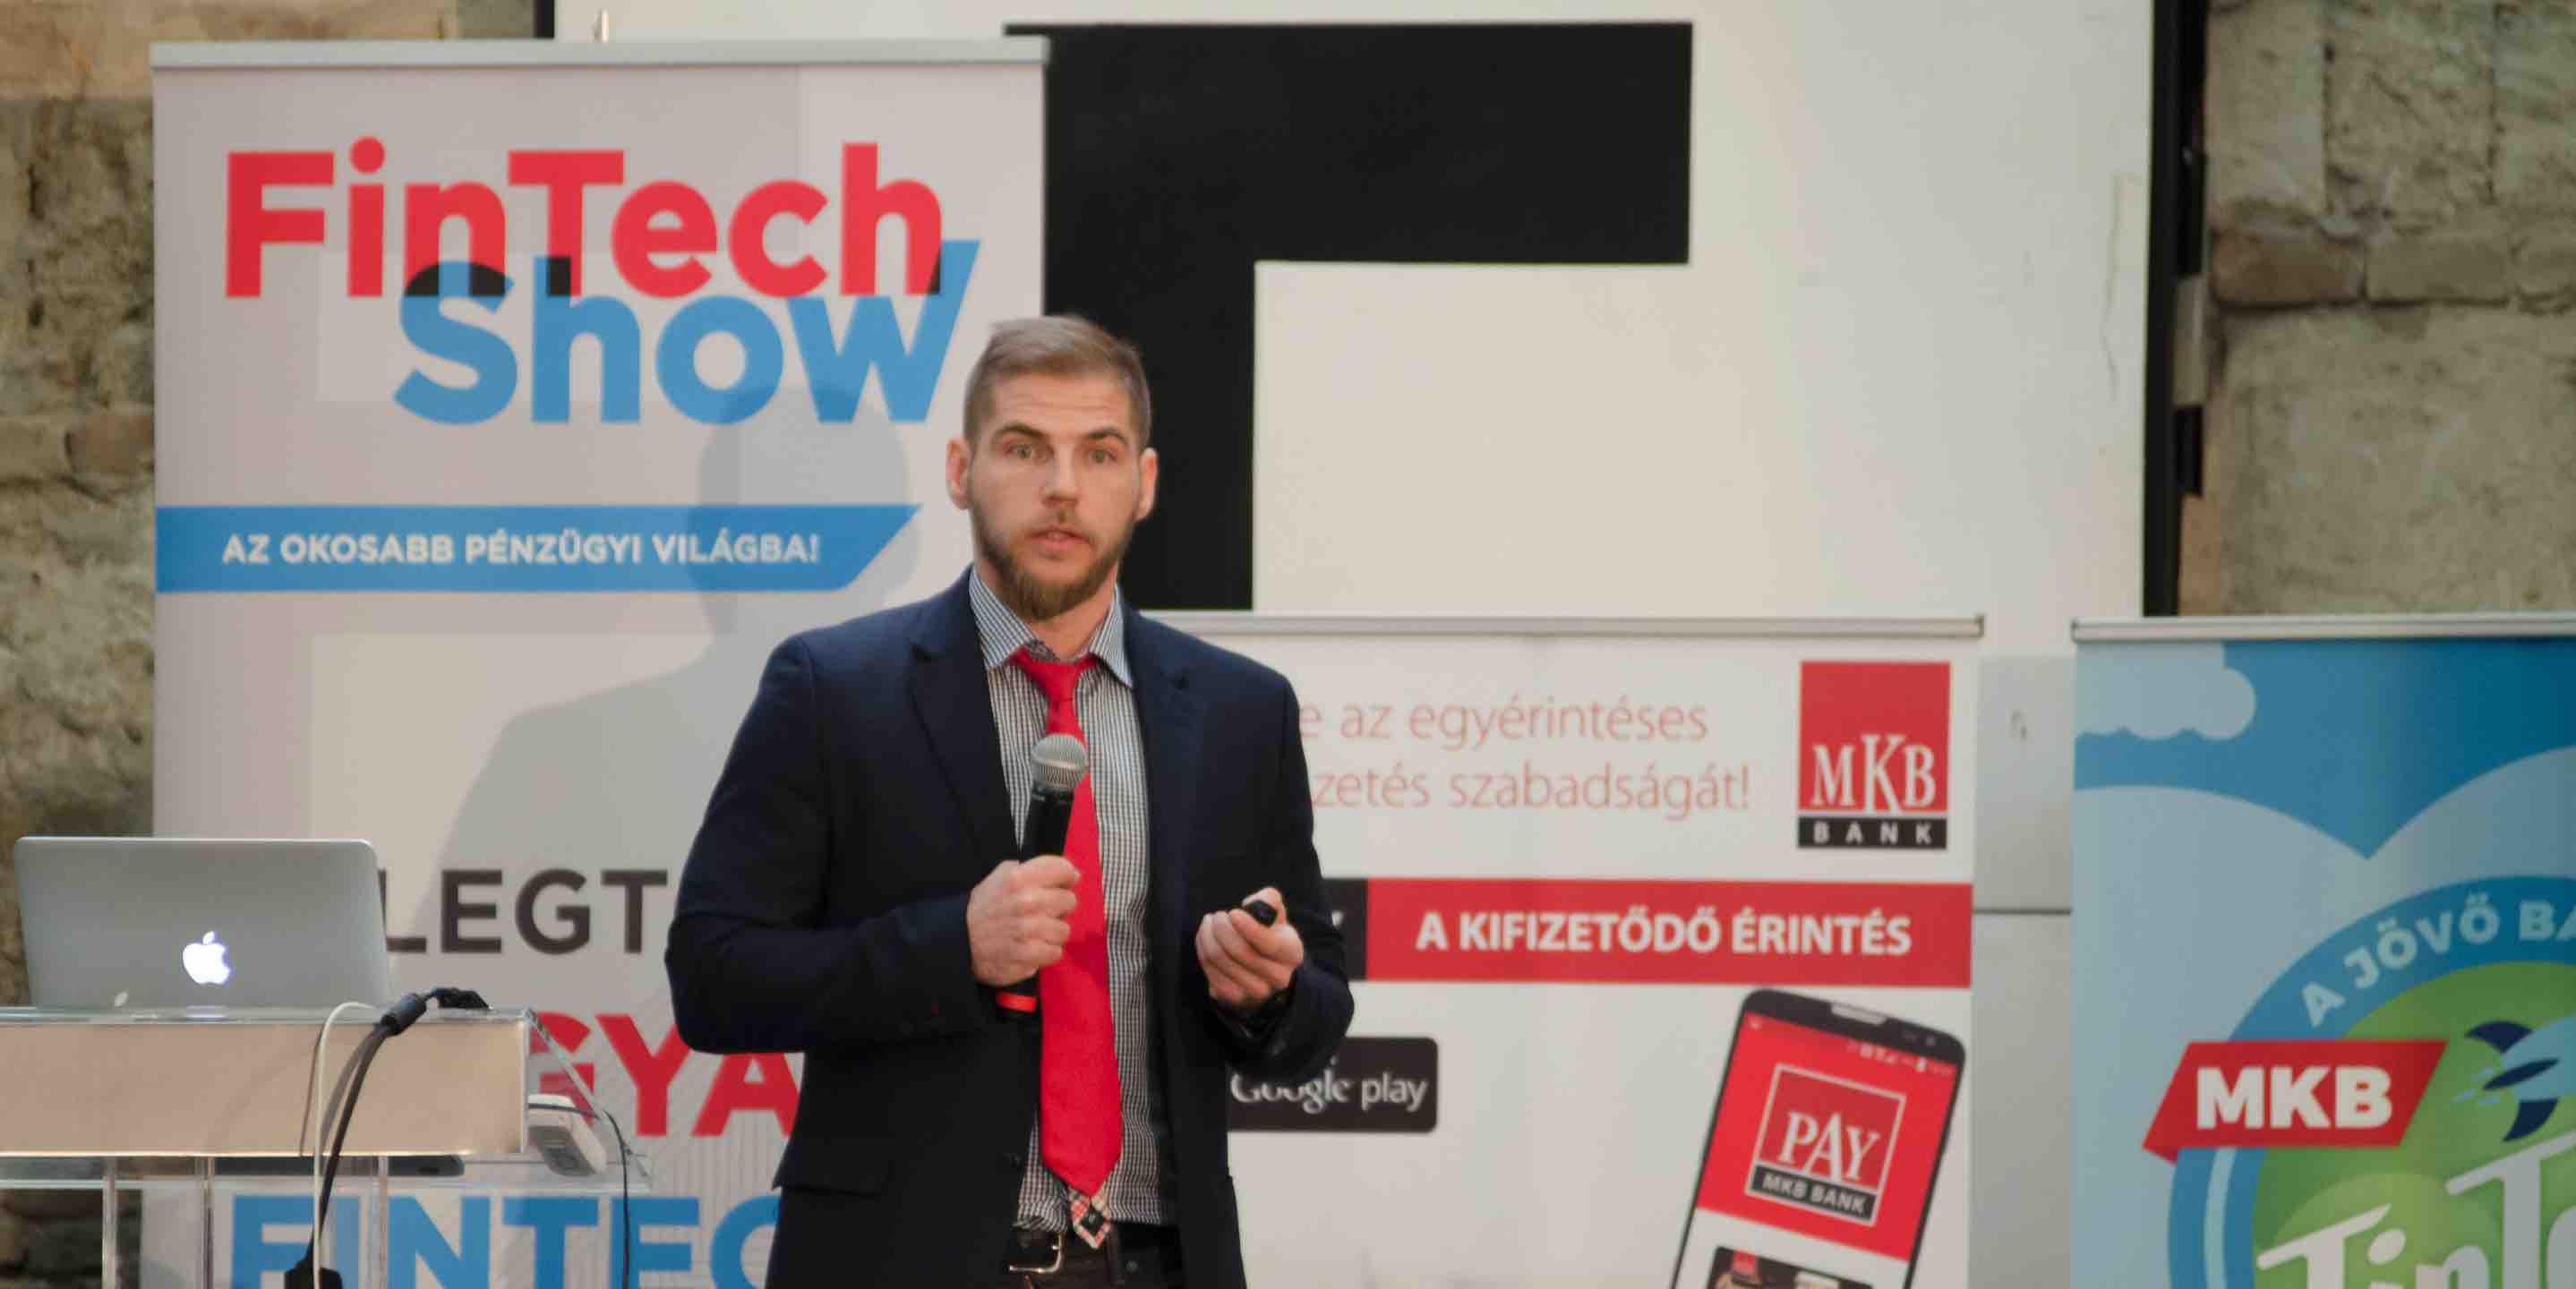 chatbot fintechshow fintech talk-a-bot